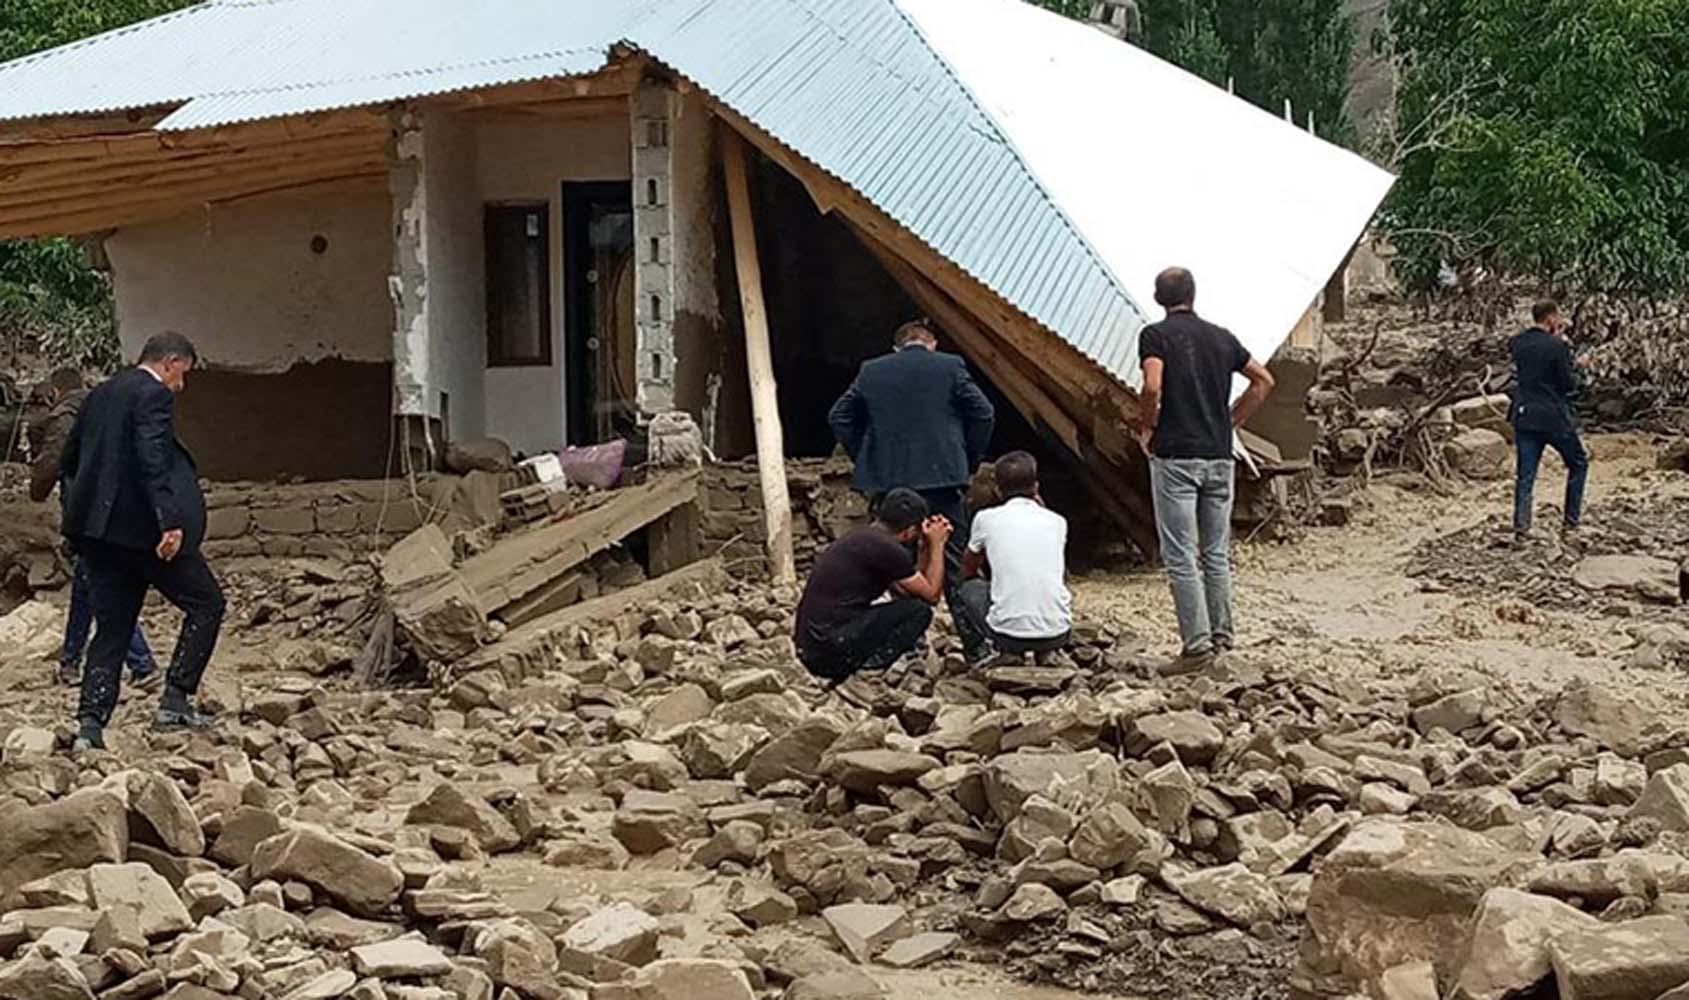 SON DAKİKA! Bakan Kurum açıkladı: İlk belirlemelere göre 3 acil yıkılacak,5 ağır hasarlı ve 8 yıkık bağımsız bölüm tespit edildi